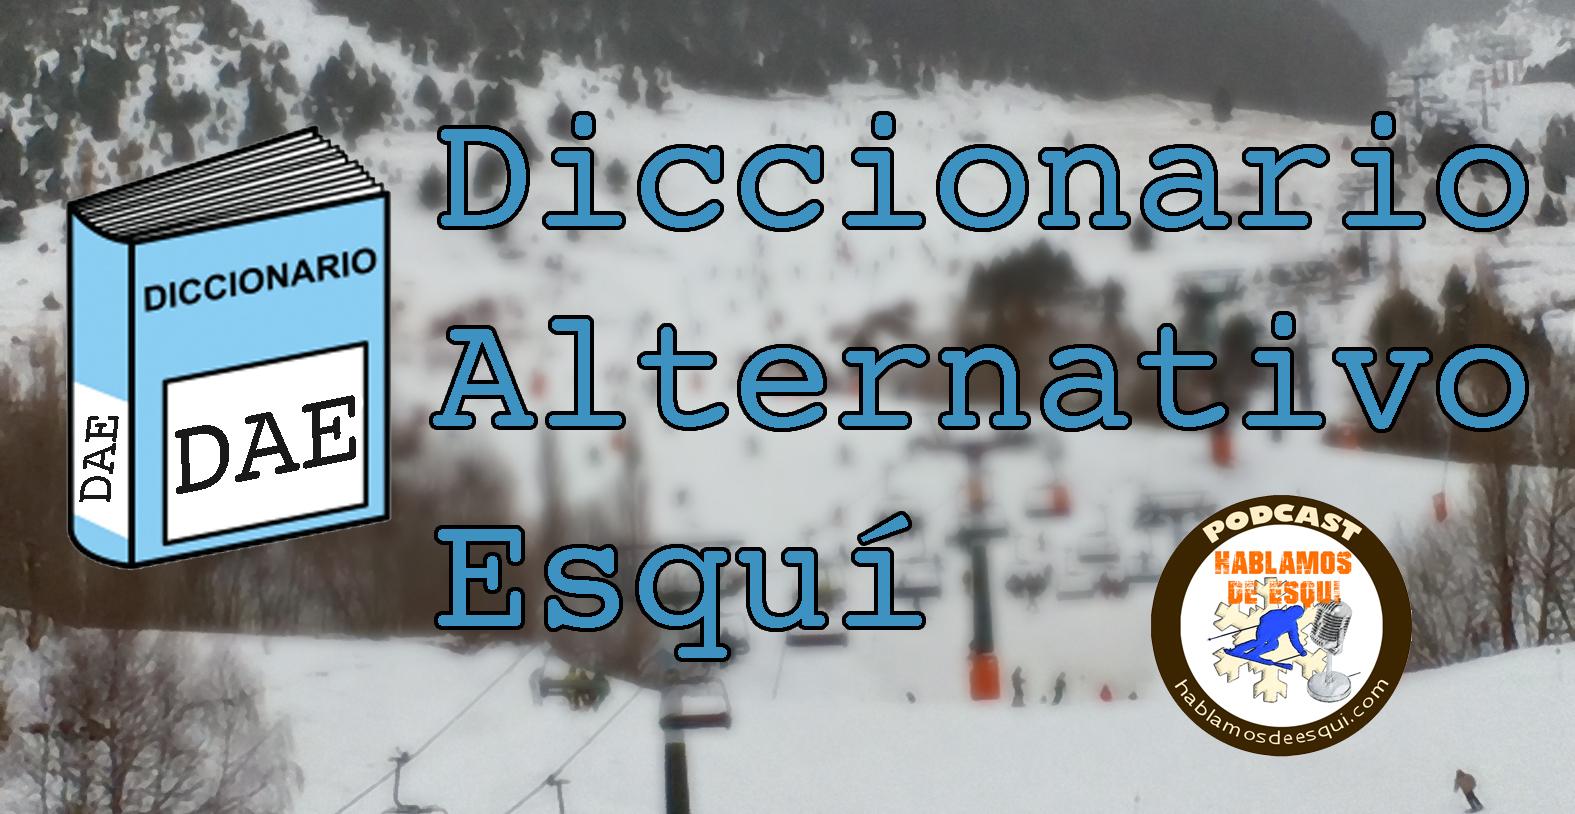 DAE - Diccionario Alternativo del Esquí